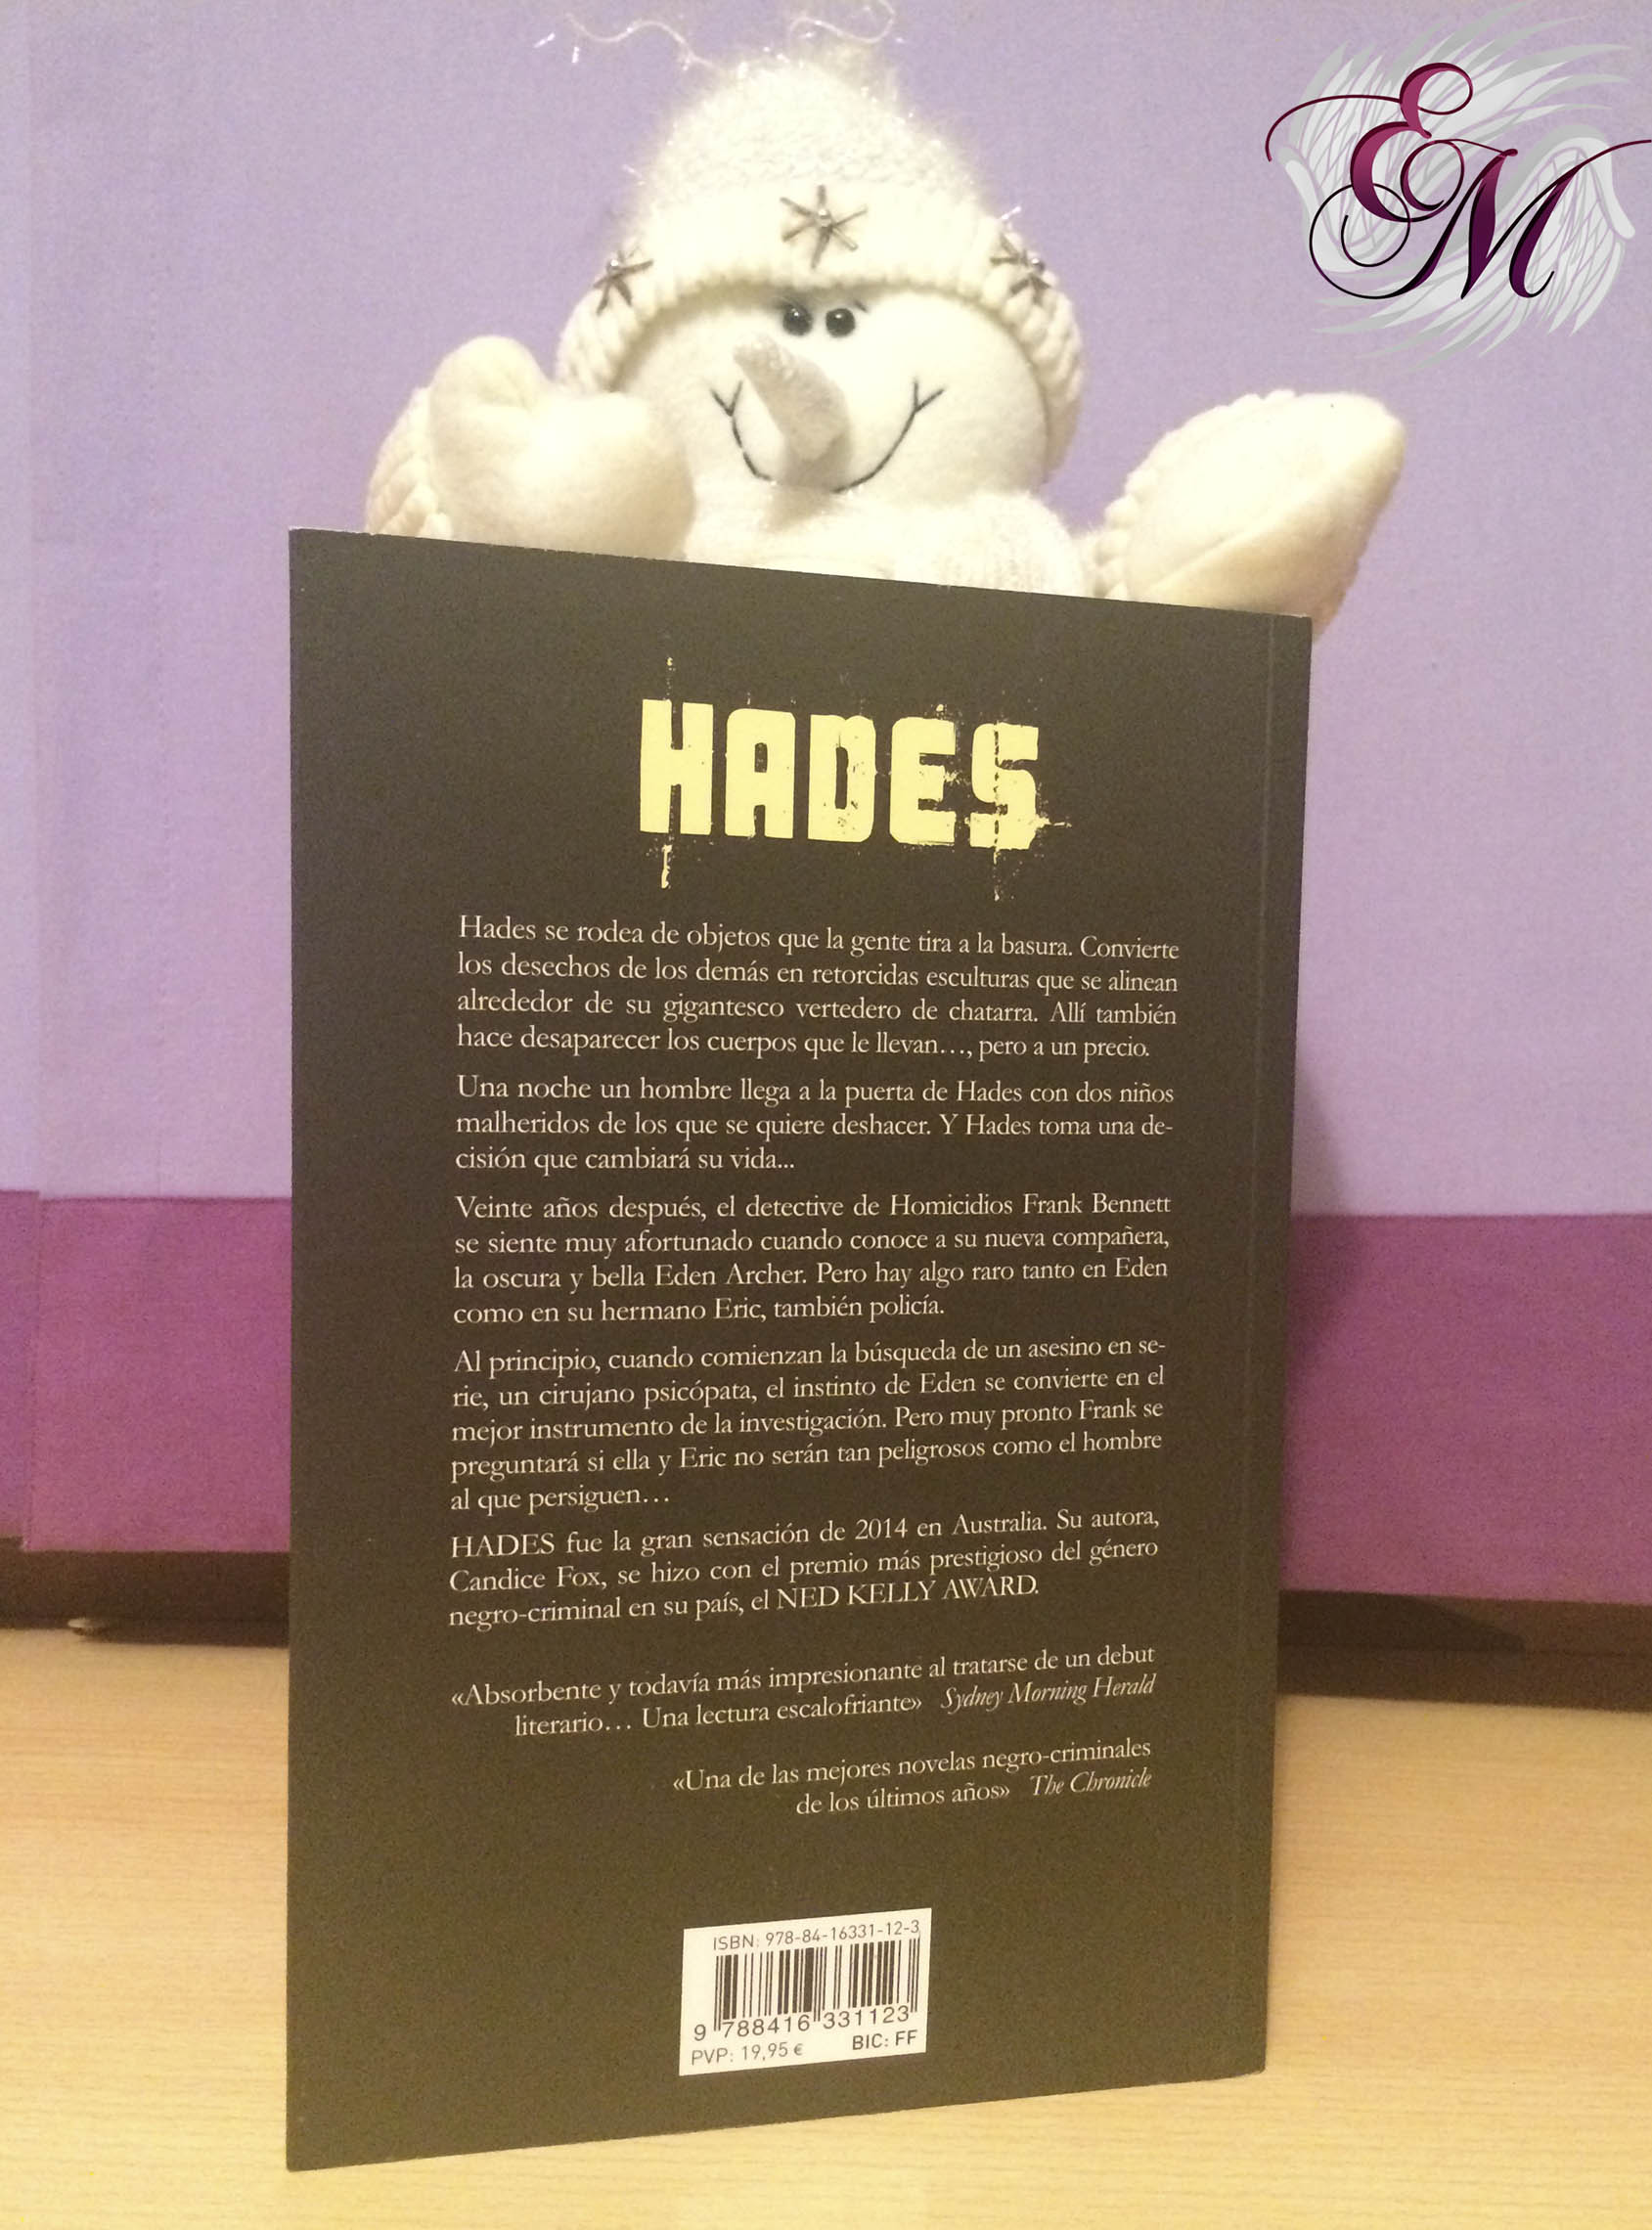 Hades, de Candice Fox - Reseña